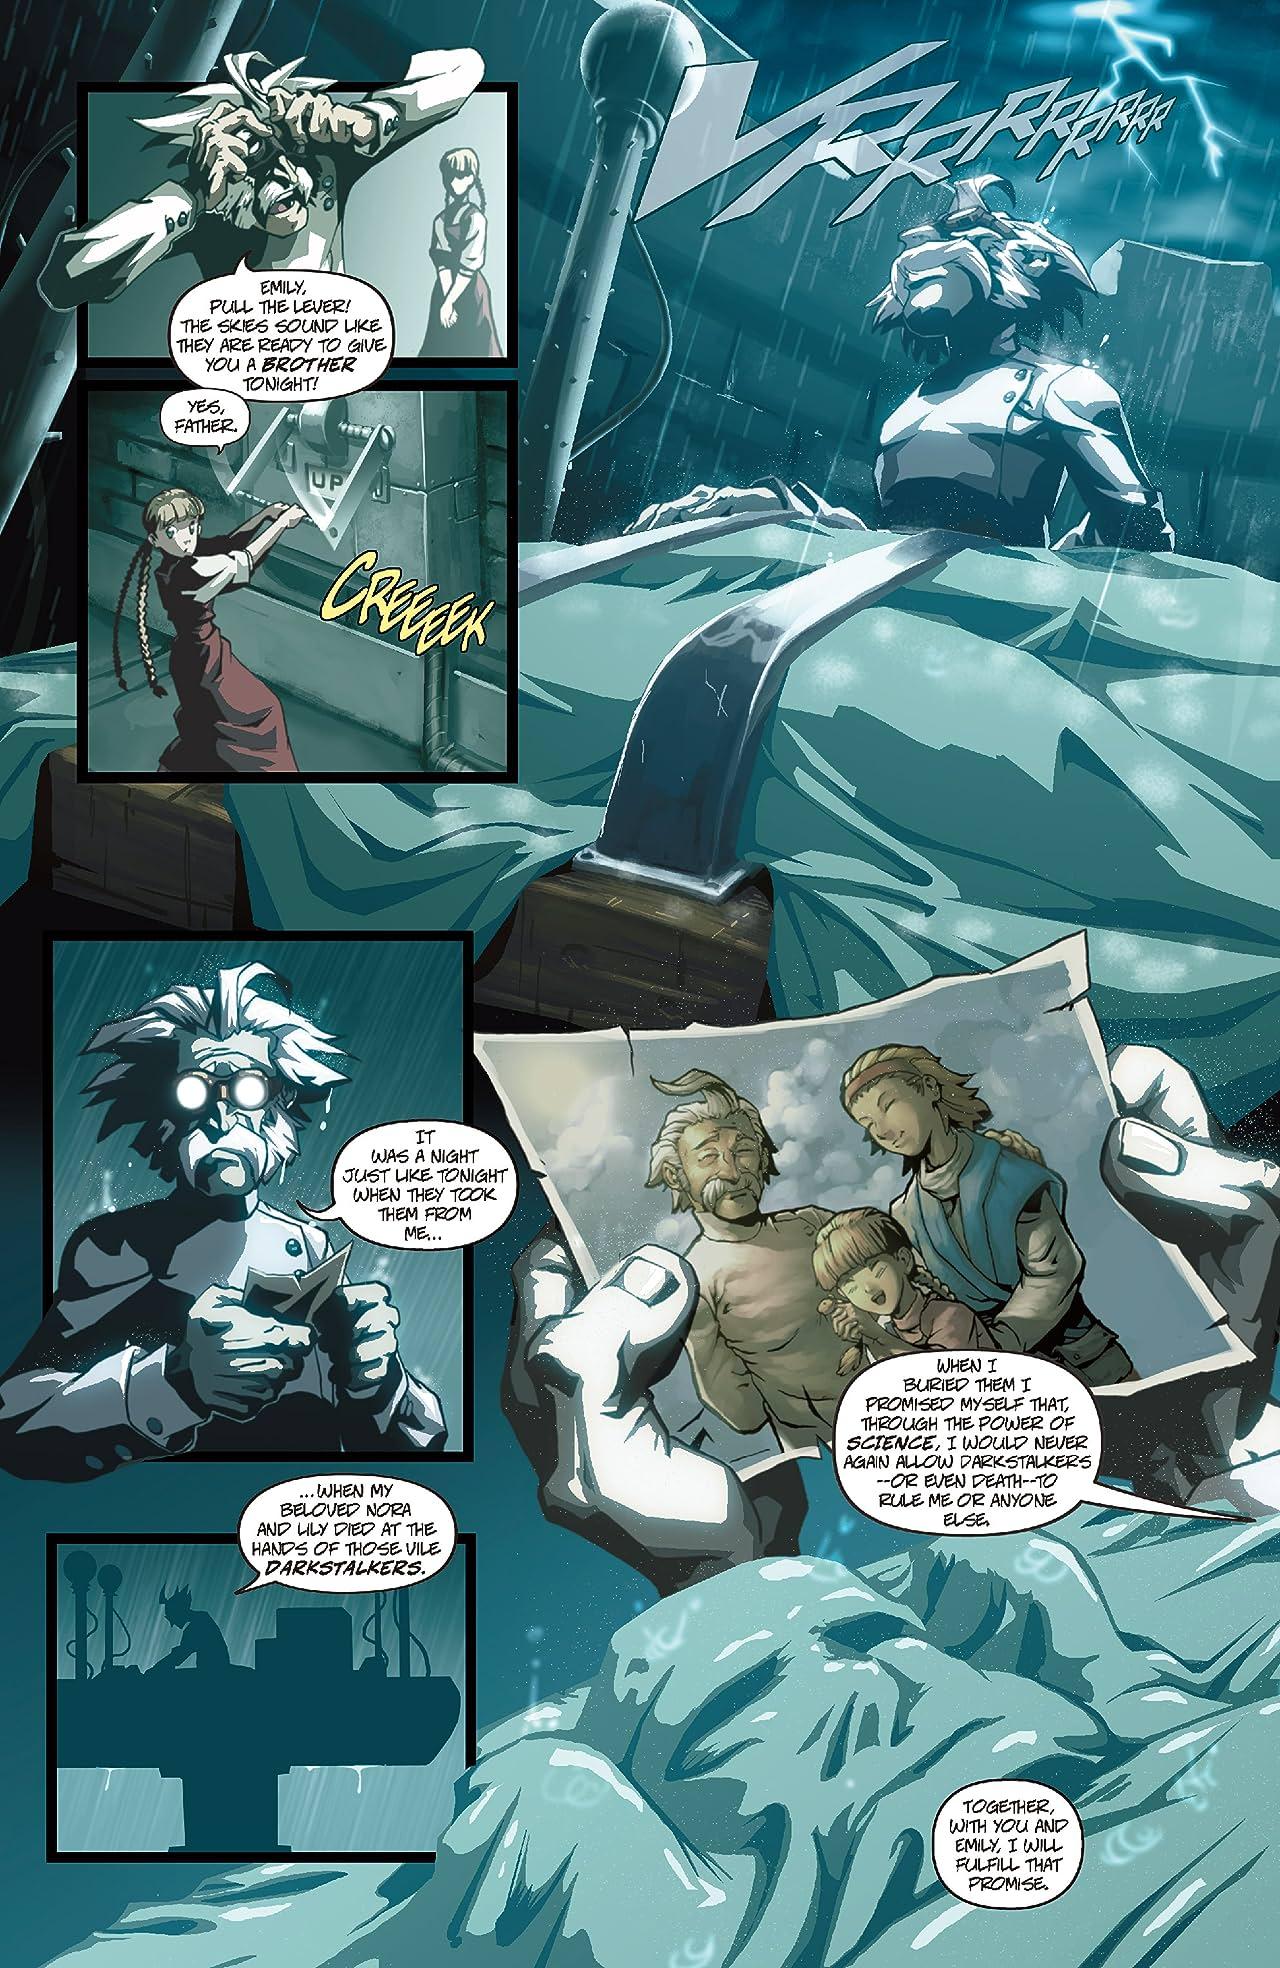 Darkstalkers #4